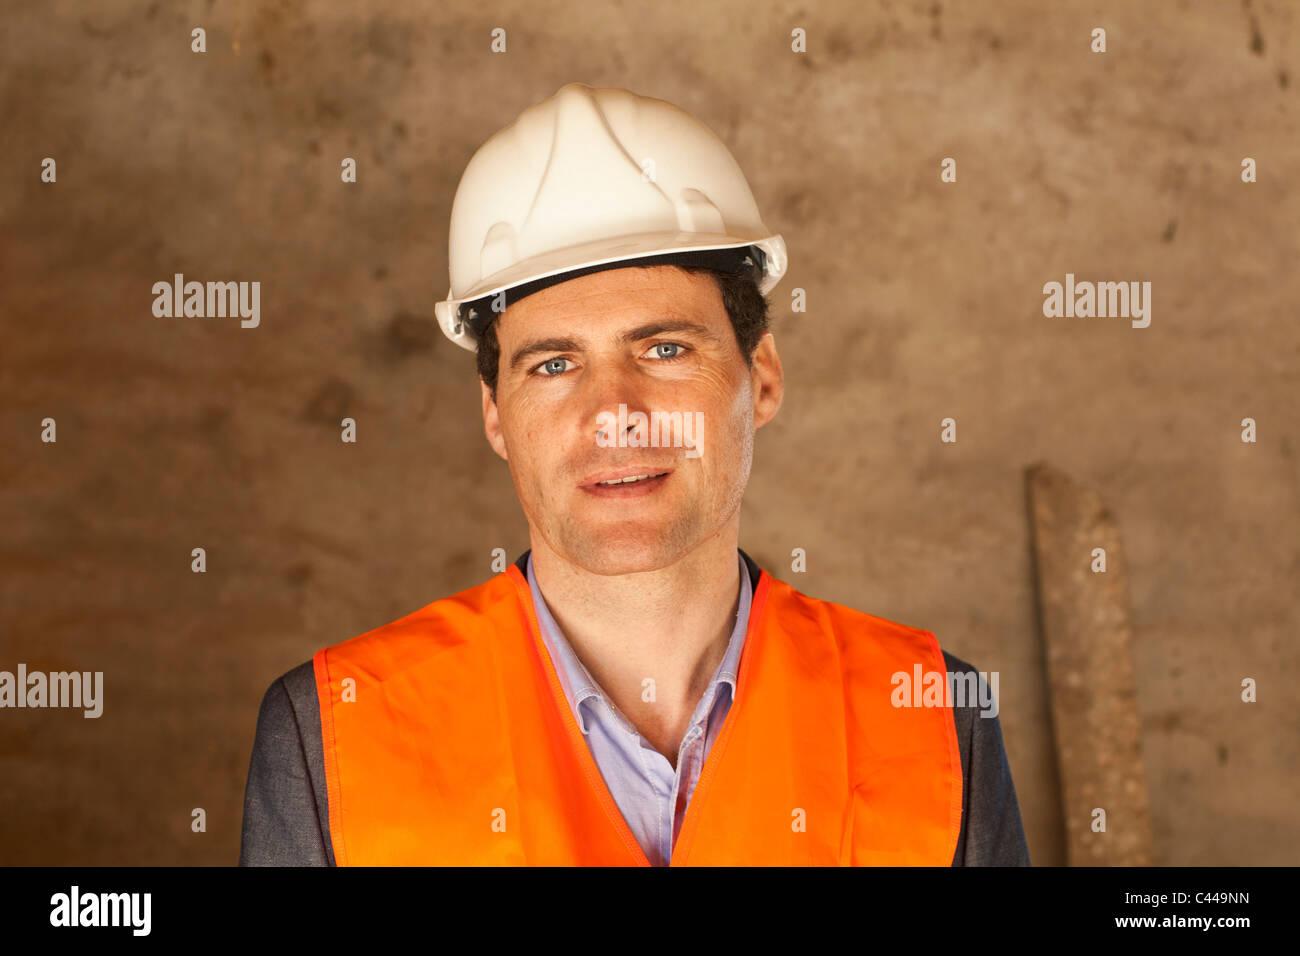 Un ben vestito che indossa un casco e giubbotto in corrispondenza di un sito di costruzione Immagini Stock